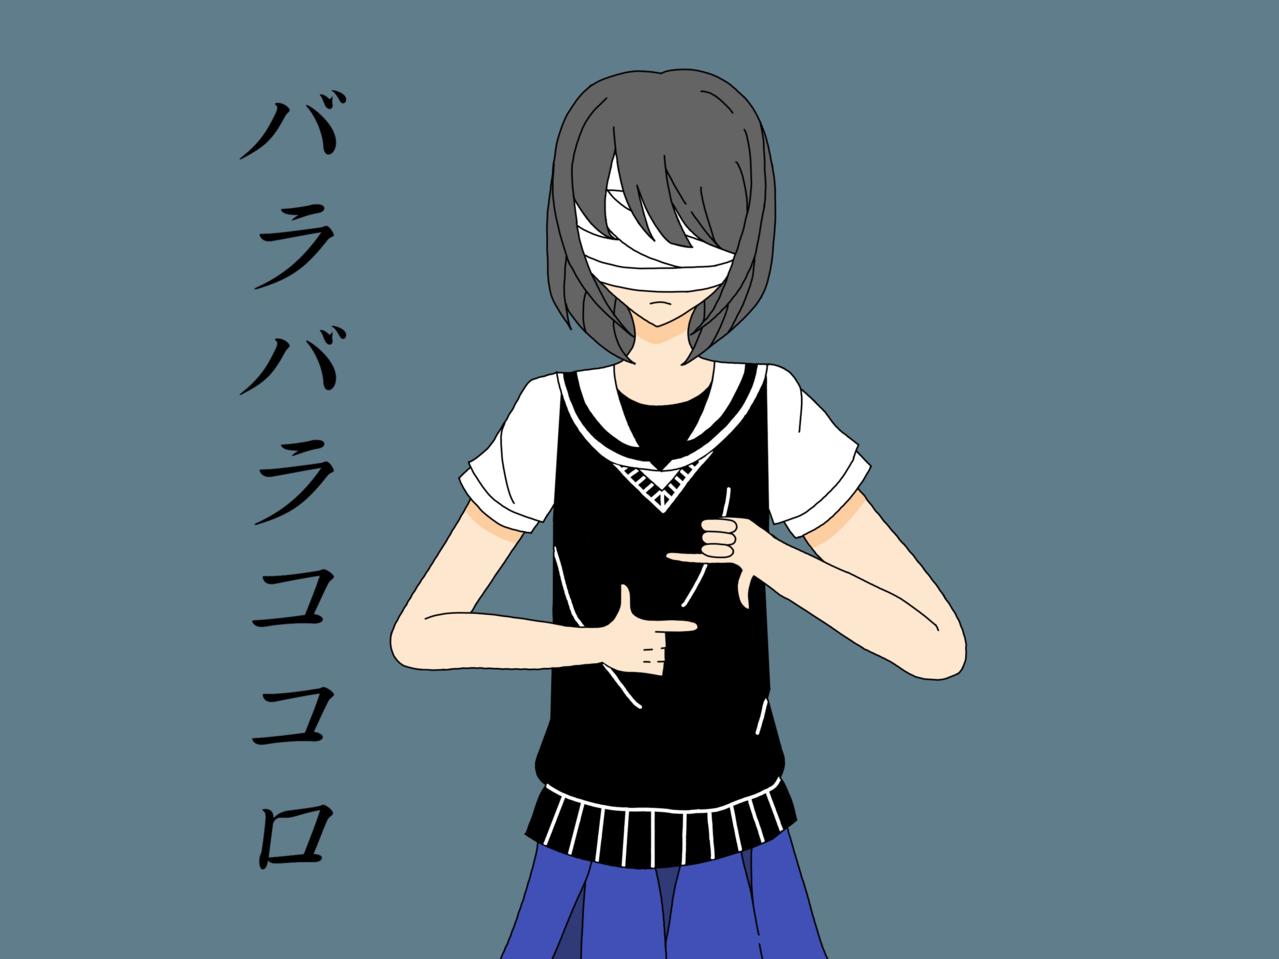 バラバラココロ Illust of 桜 宮美 バラバラココロ かいりきベア ボカロ曲